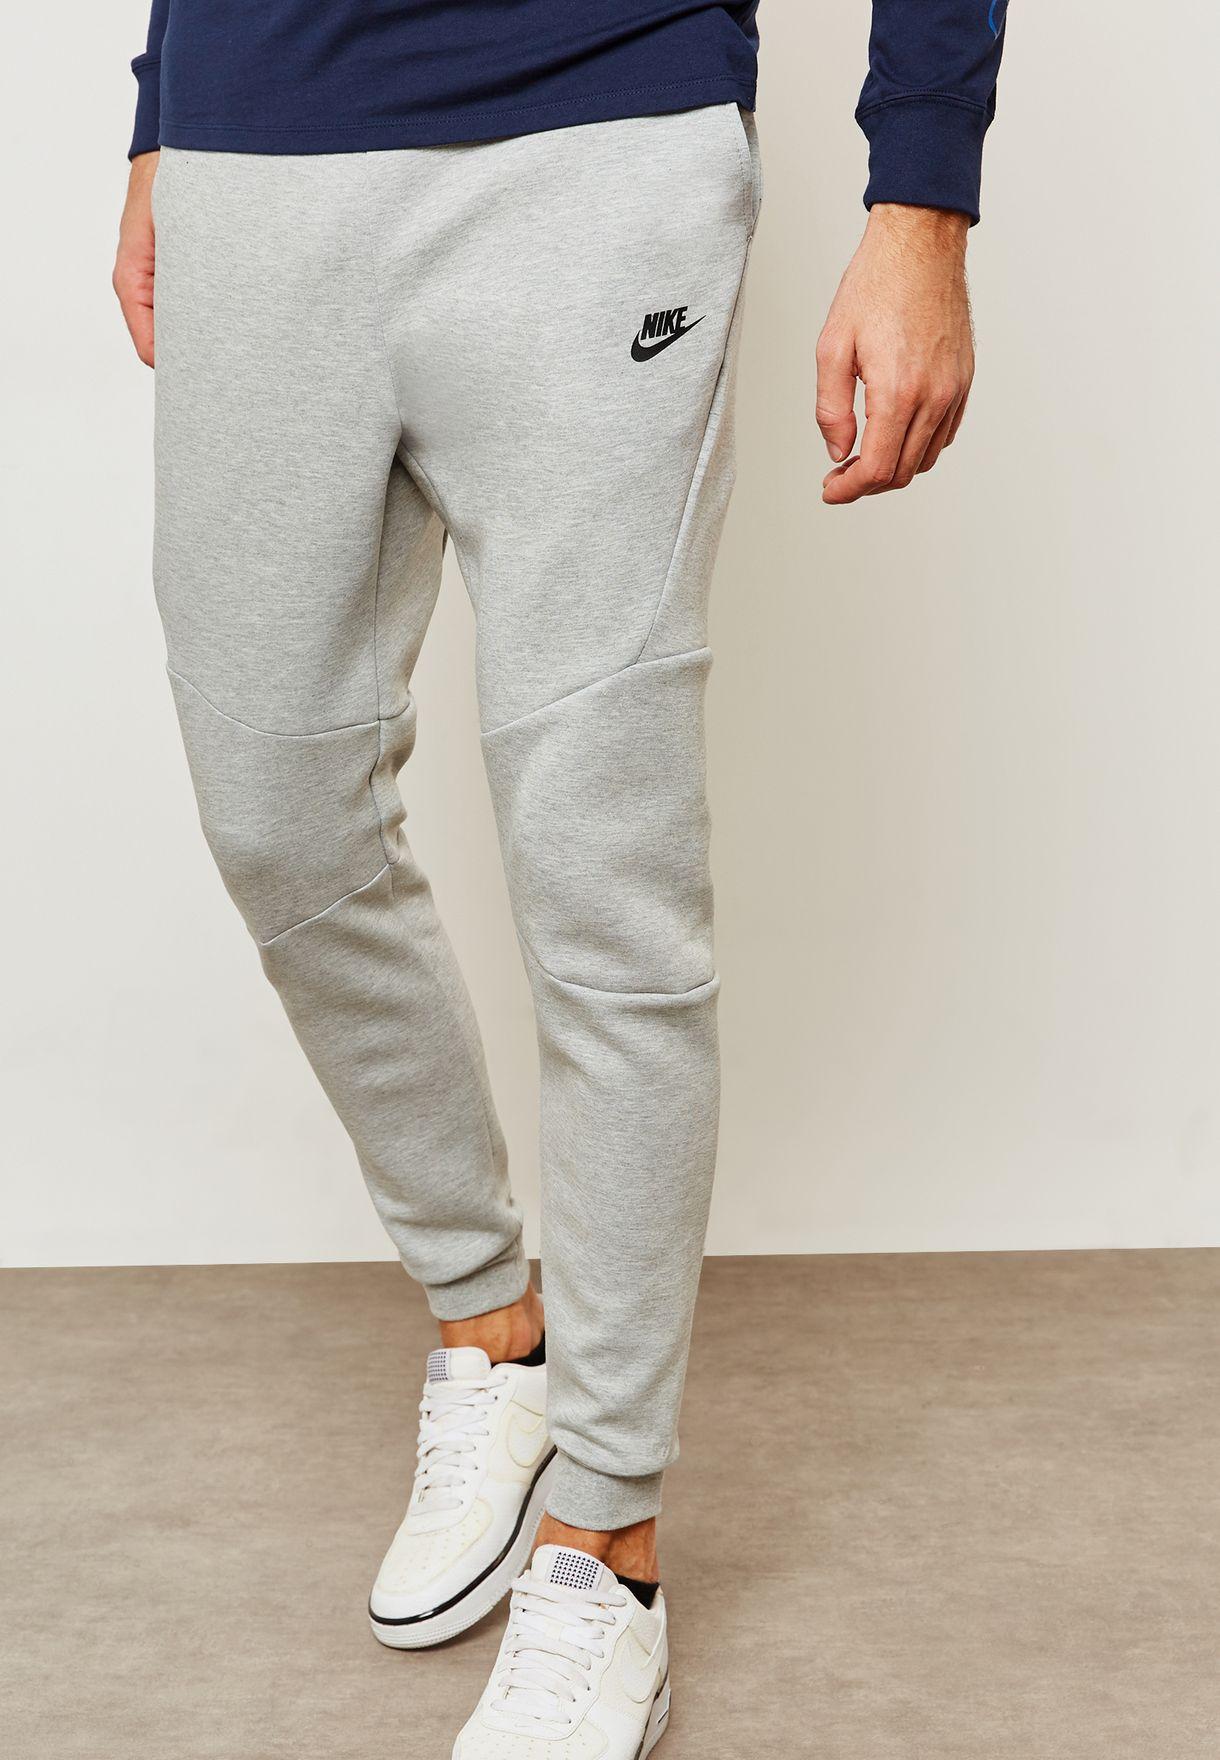 2226cd65bb9b Shop Nike grey Tech Fleece Sweatpants 805162-063 for Men in Oman -  NI727AT69LVA